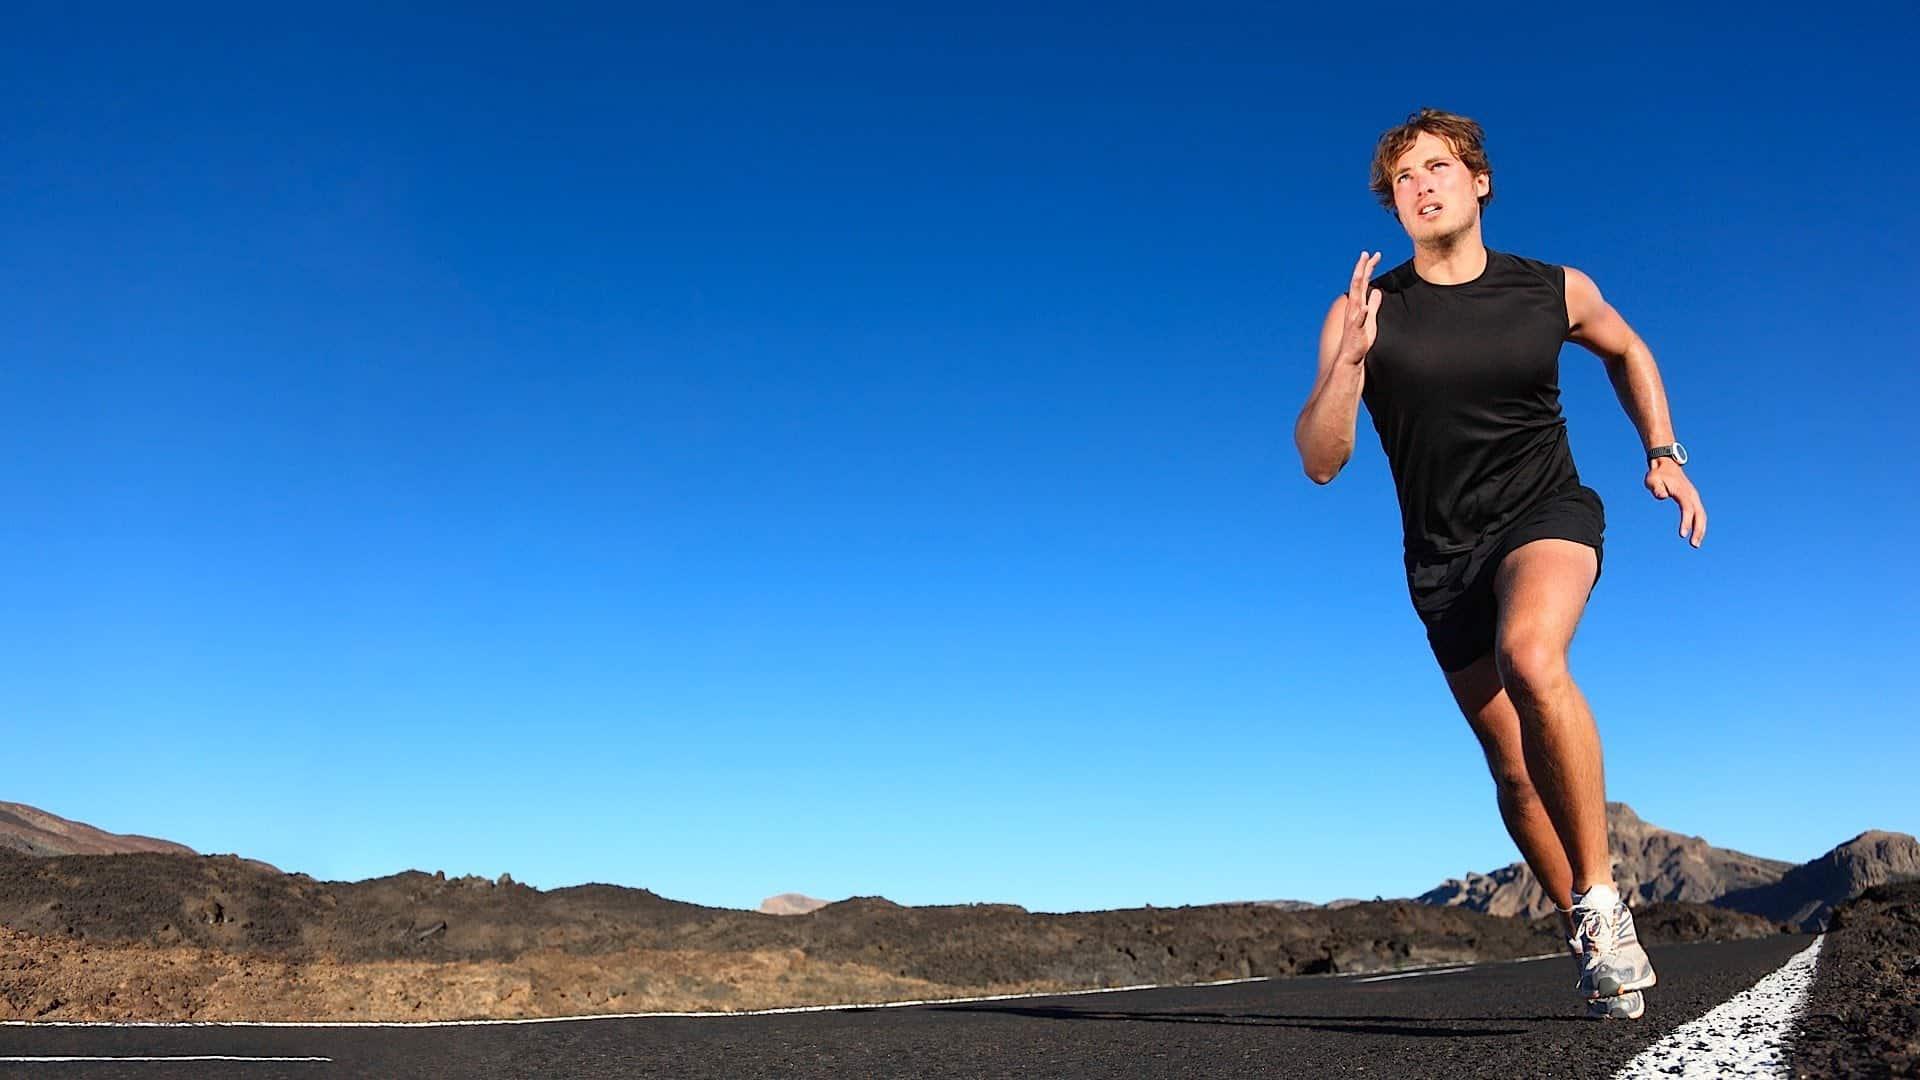 man running mountain road